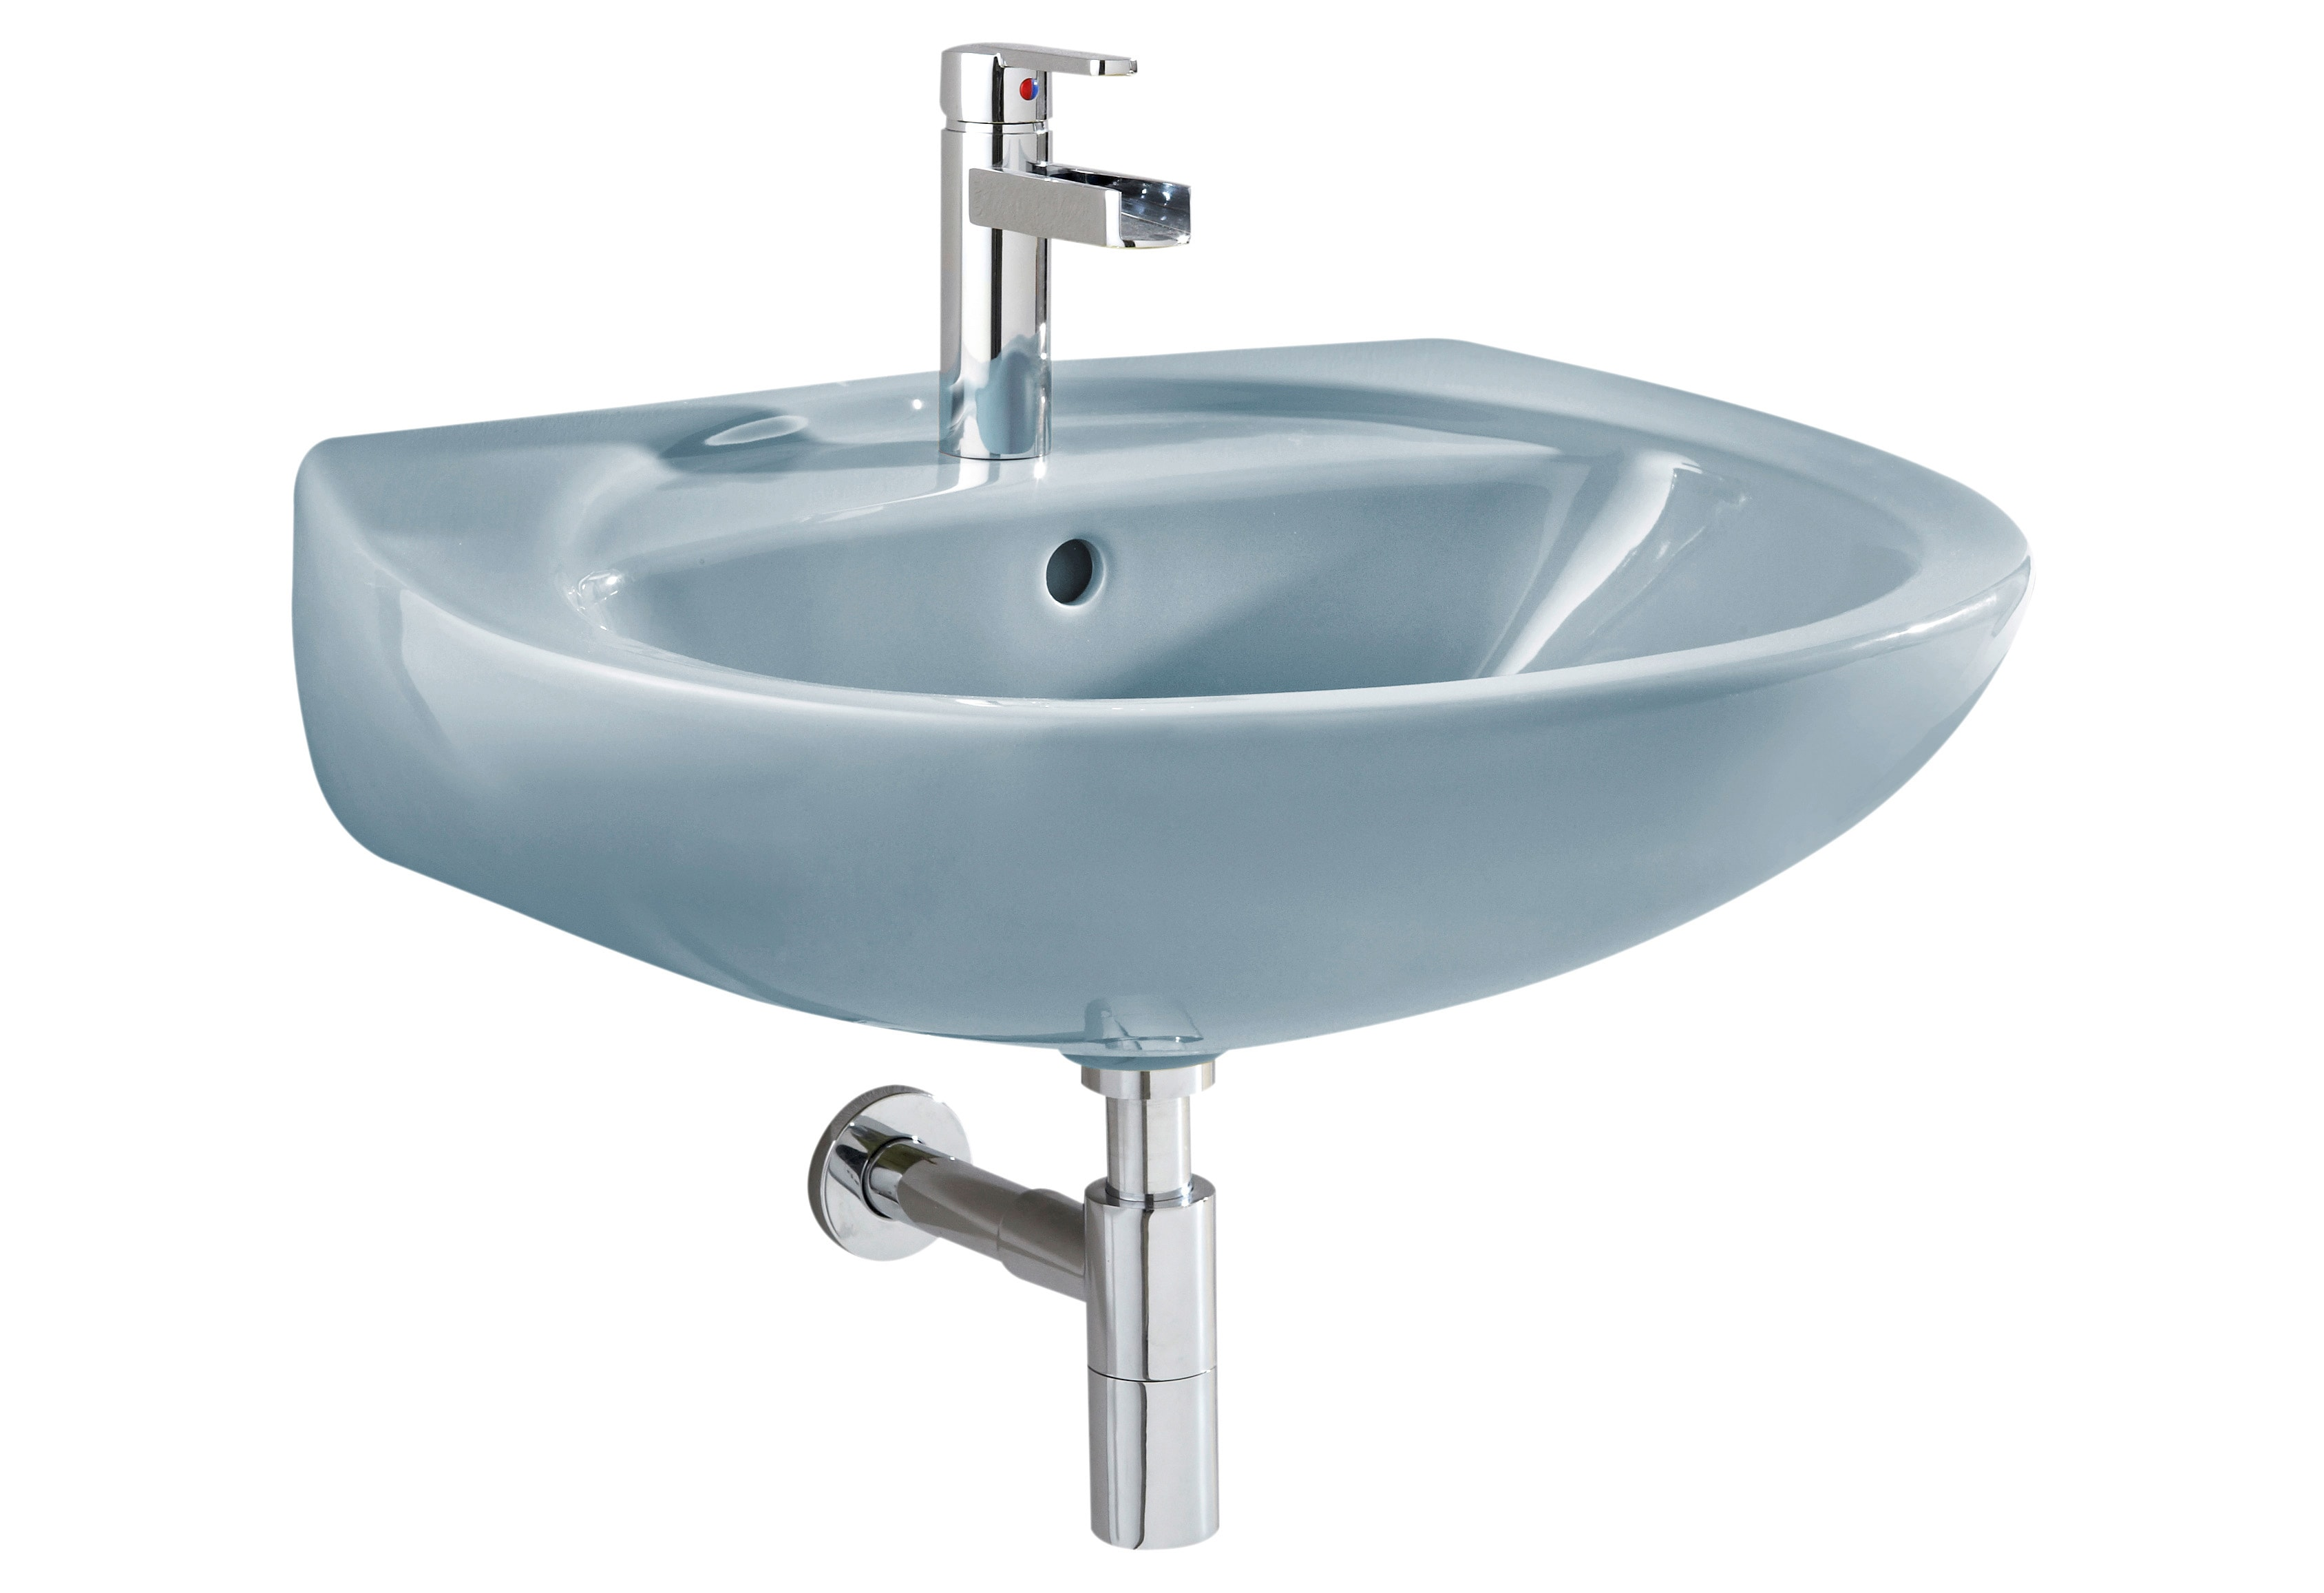 CORNAT Waschbecken, Breite 60,5 cm blau Waschbecken Bad Sanitär